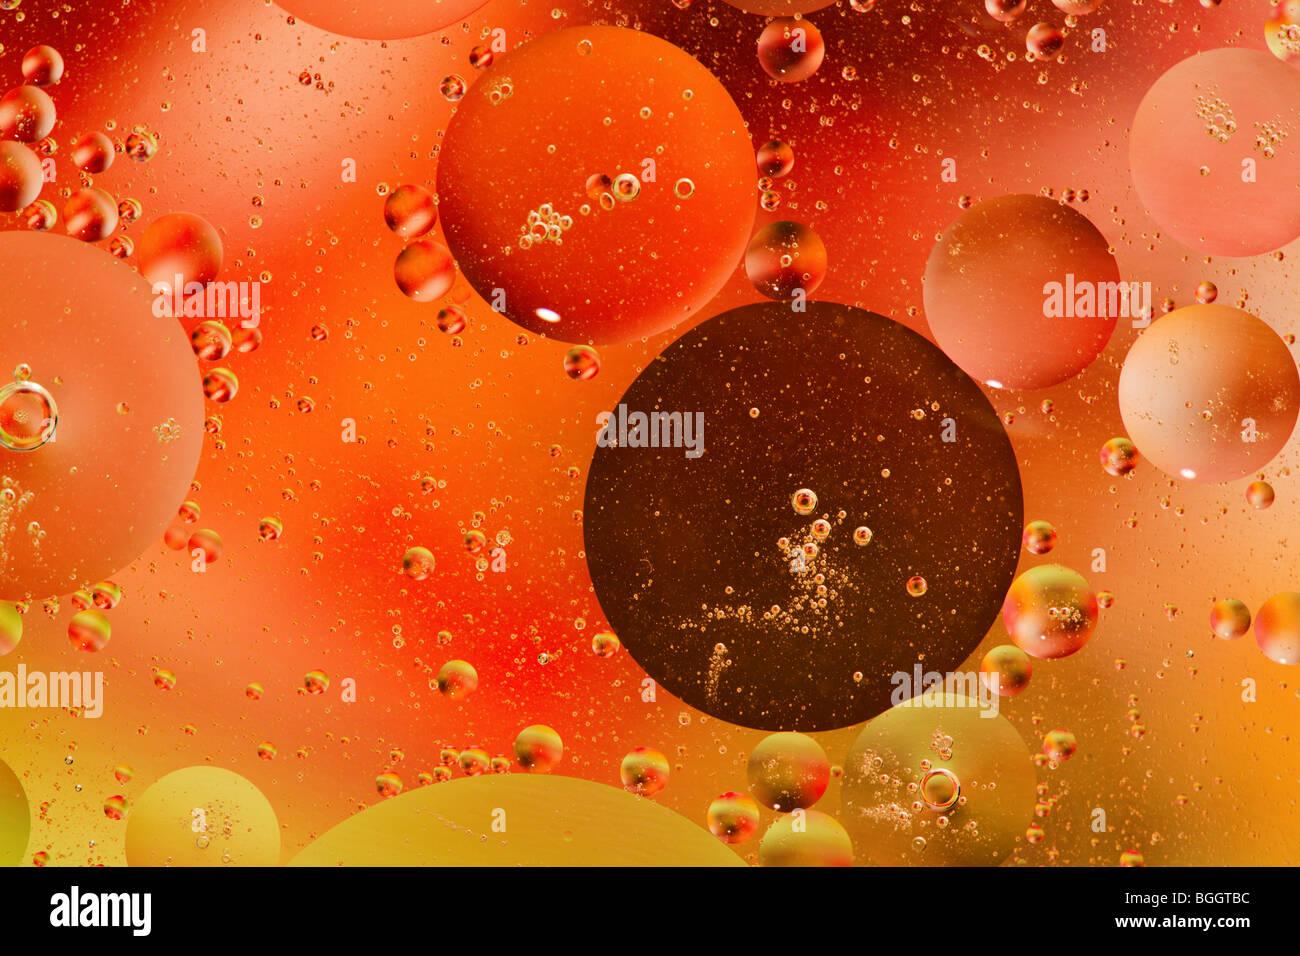 Öl und Wasser Stockbild